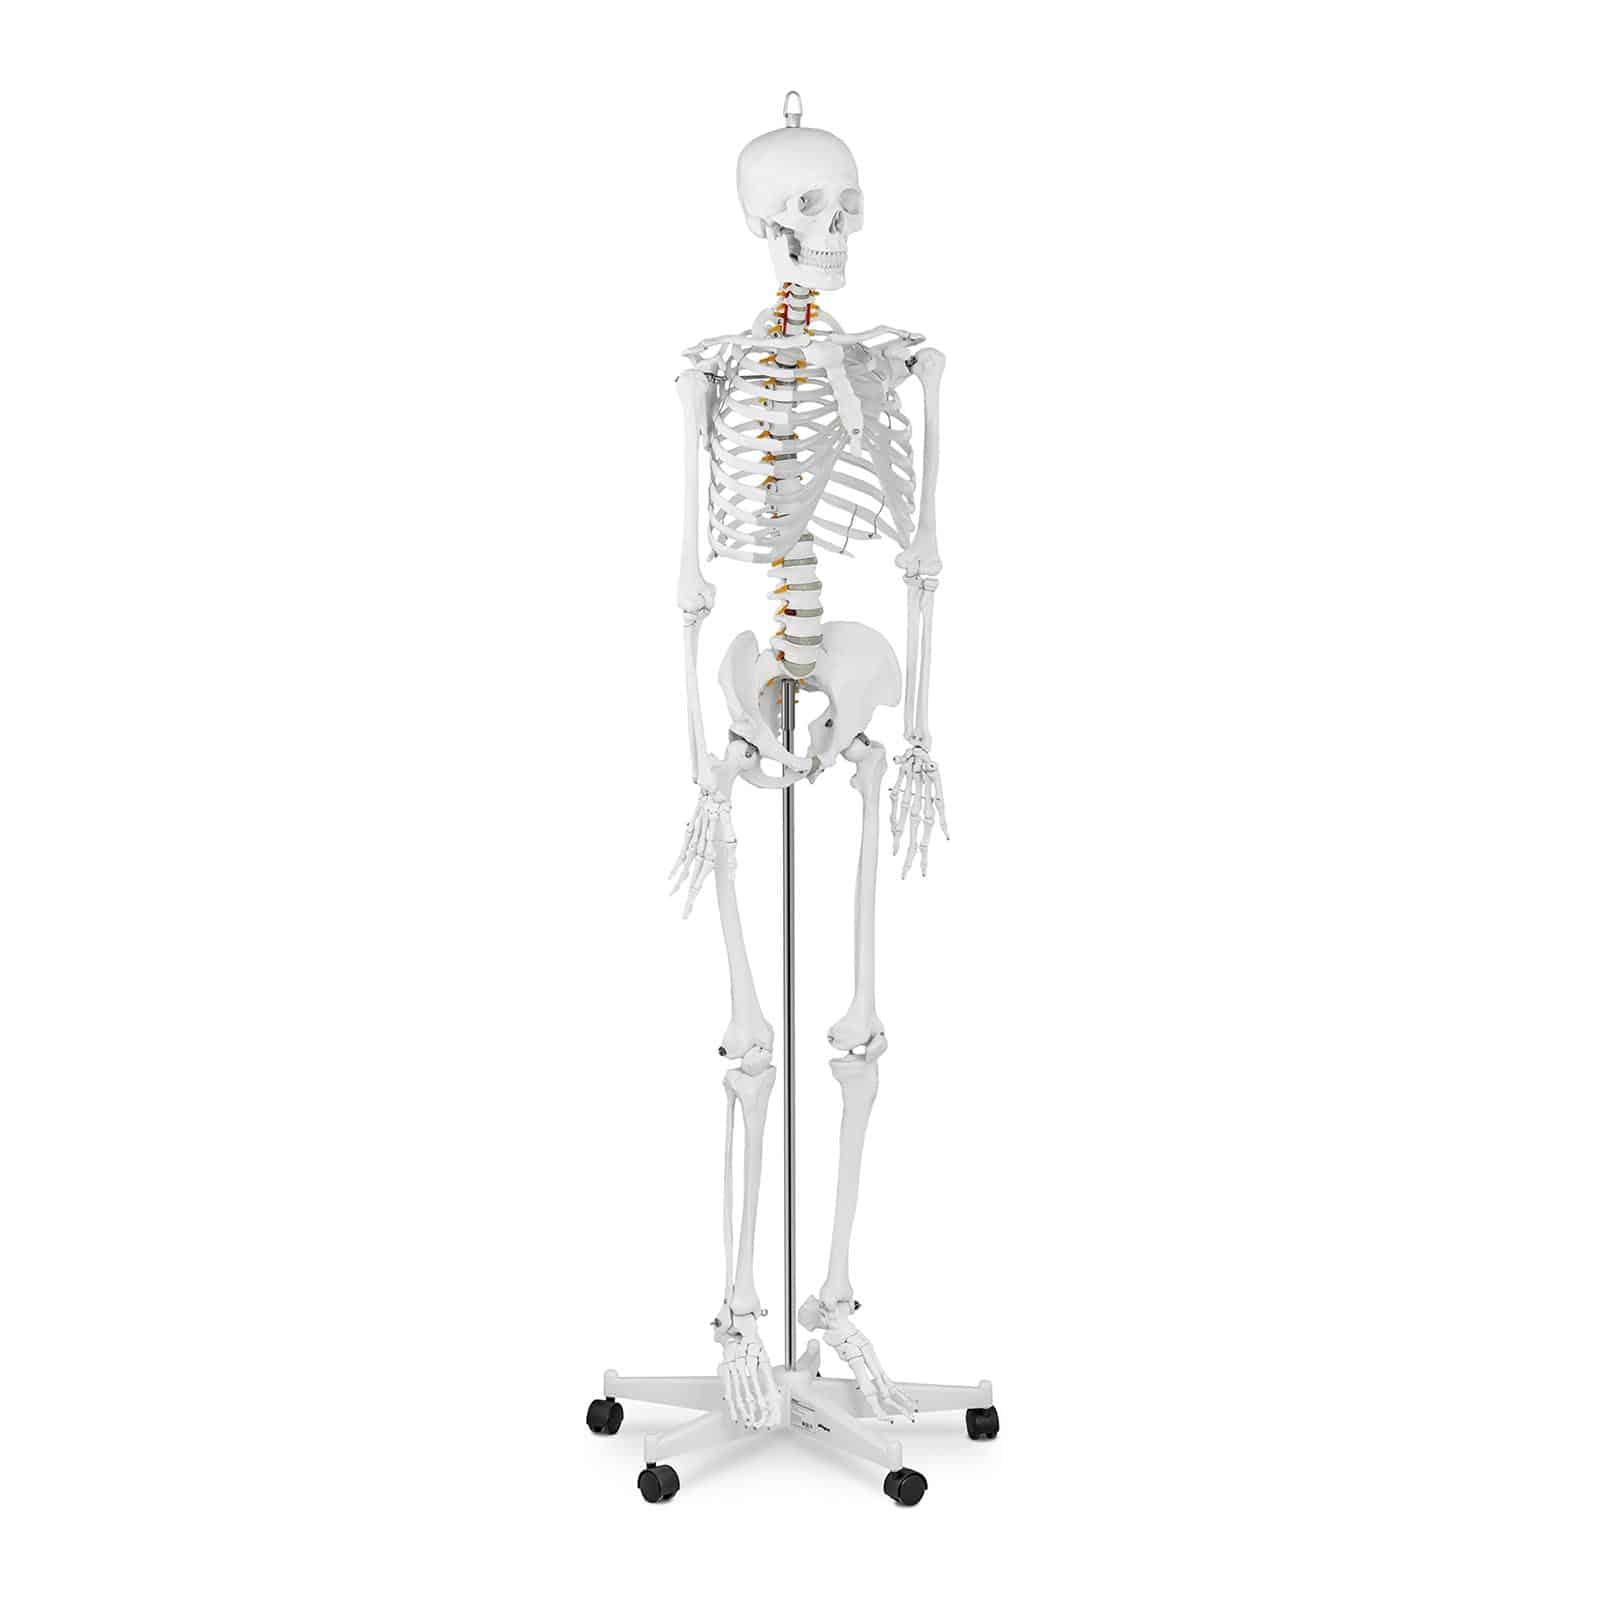 Squelettes et modèles anatomiques